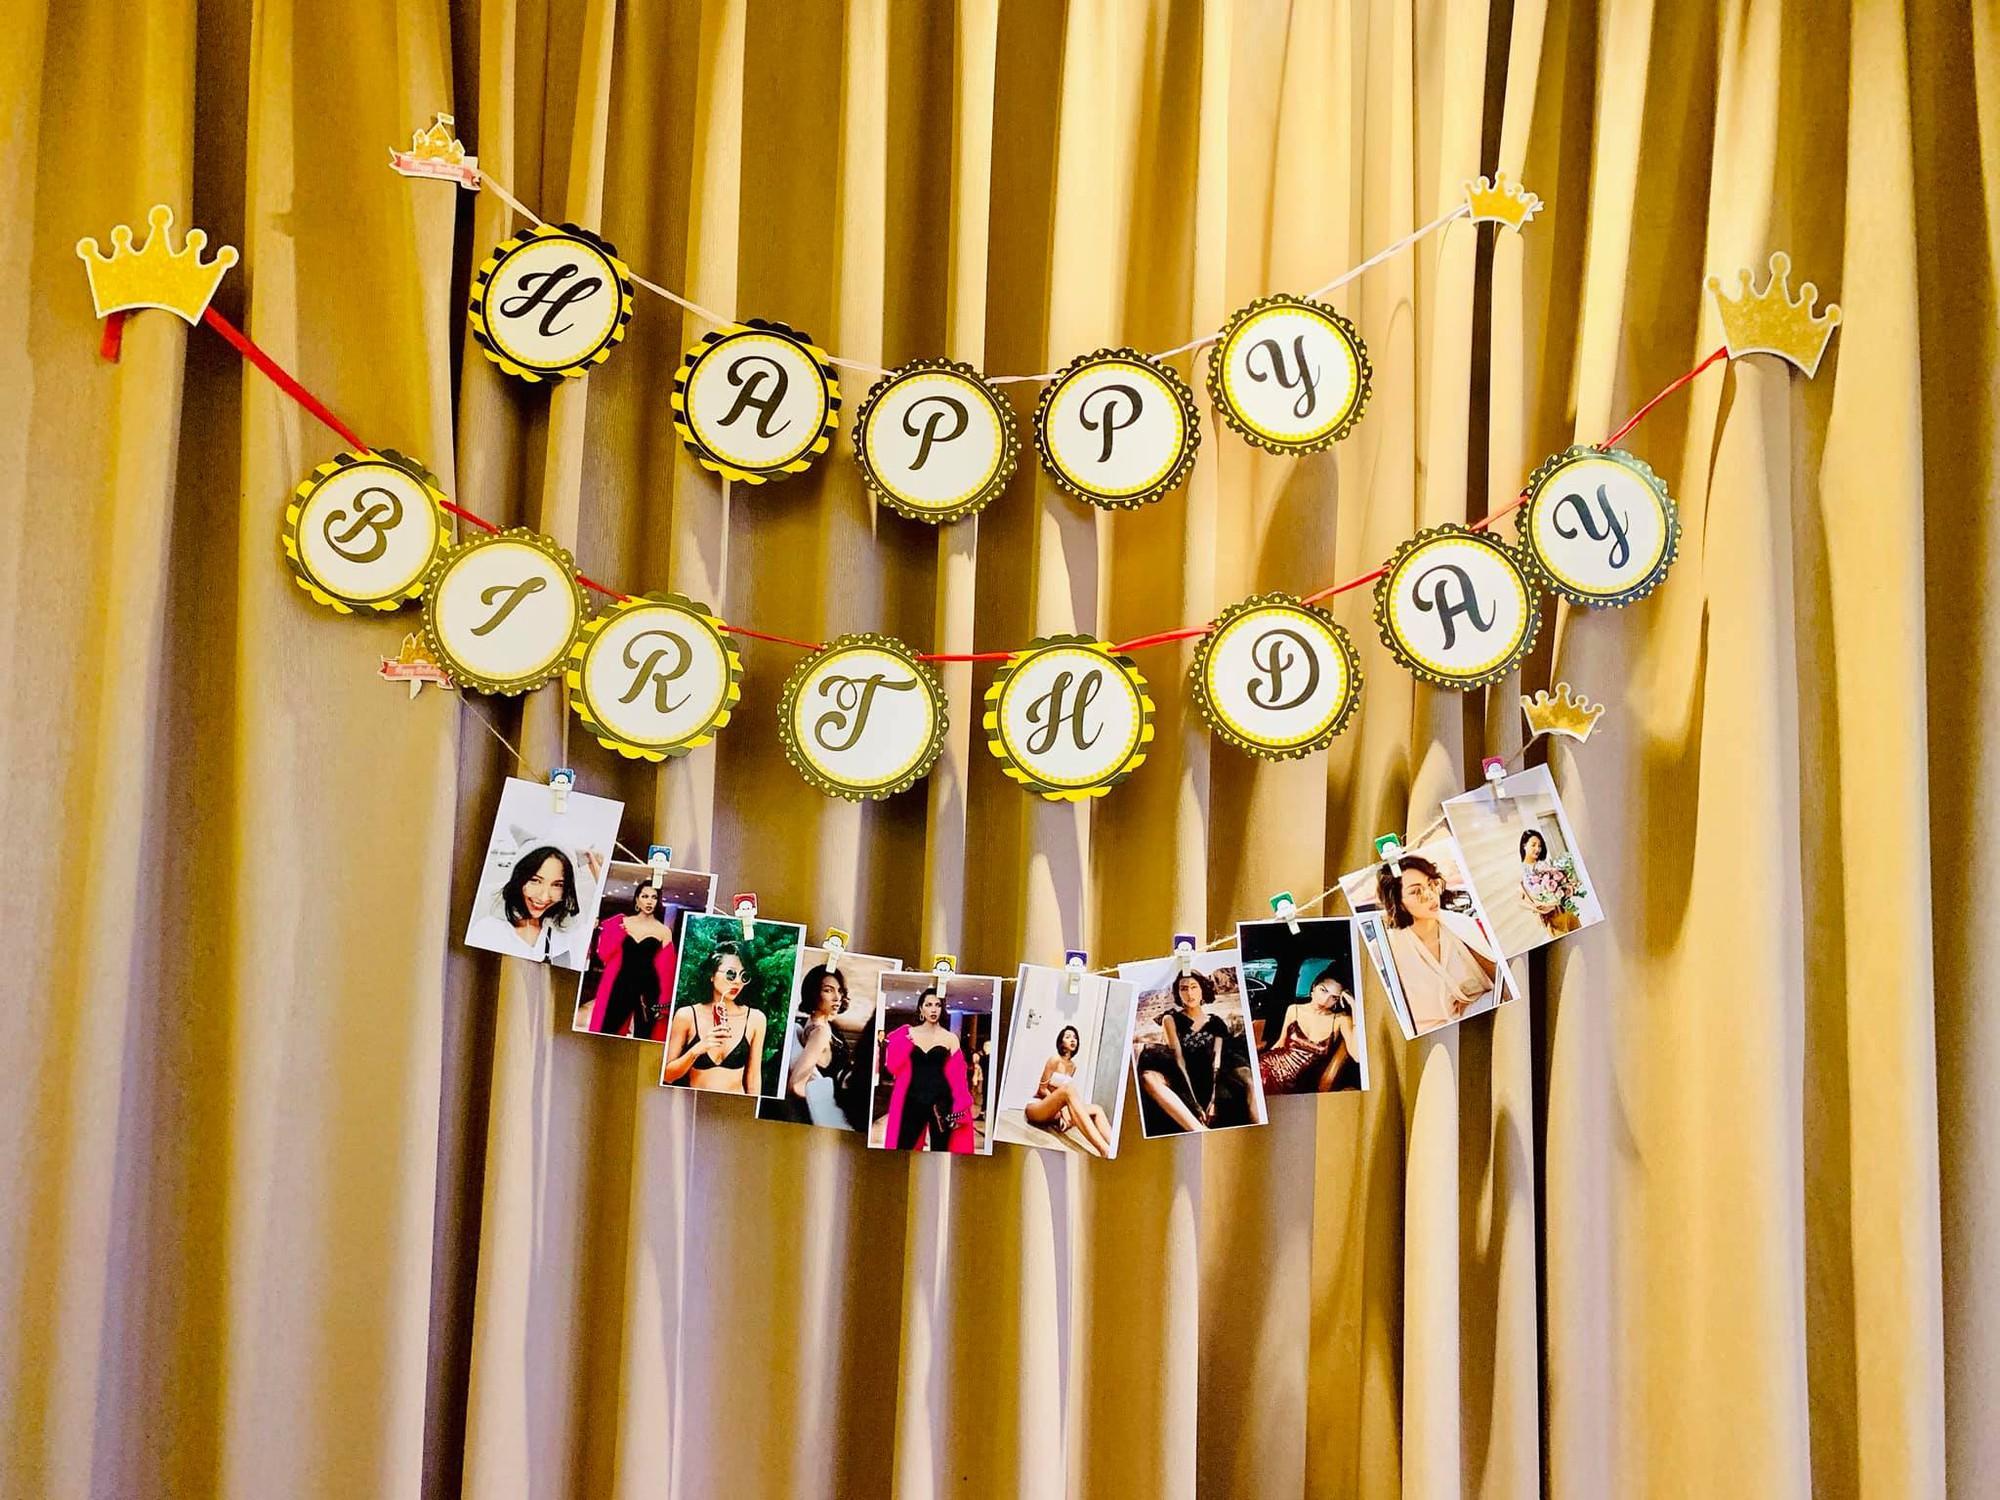 Kỳ Duyên diện đồ đôi, tổ chức sinh nhật bất ngờ cho Minh Triệu ở Bali - Ảnh 5.